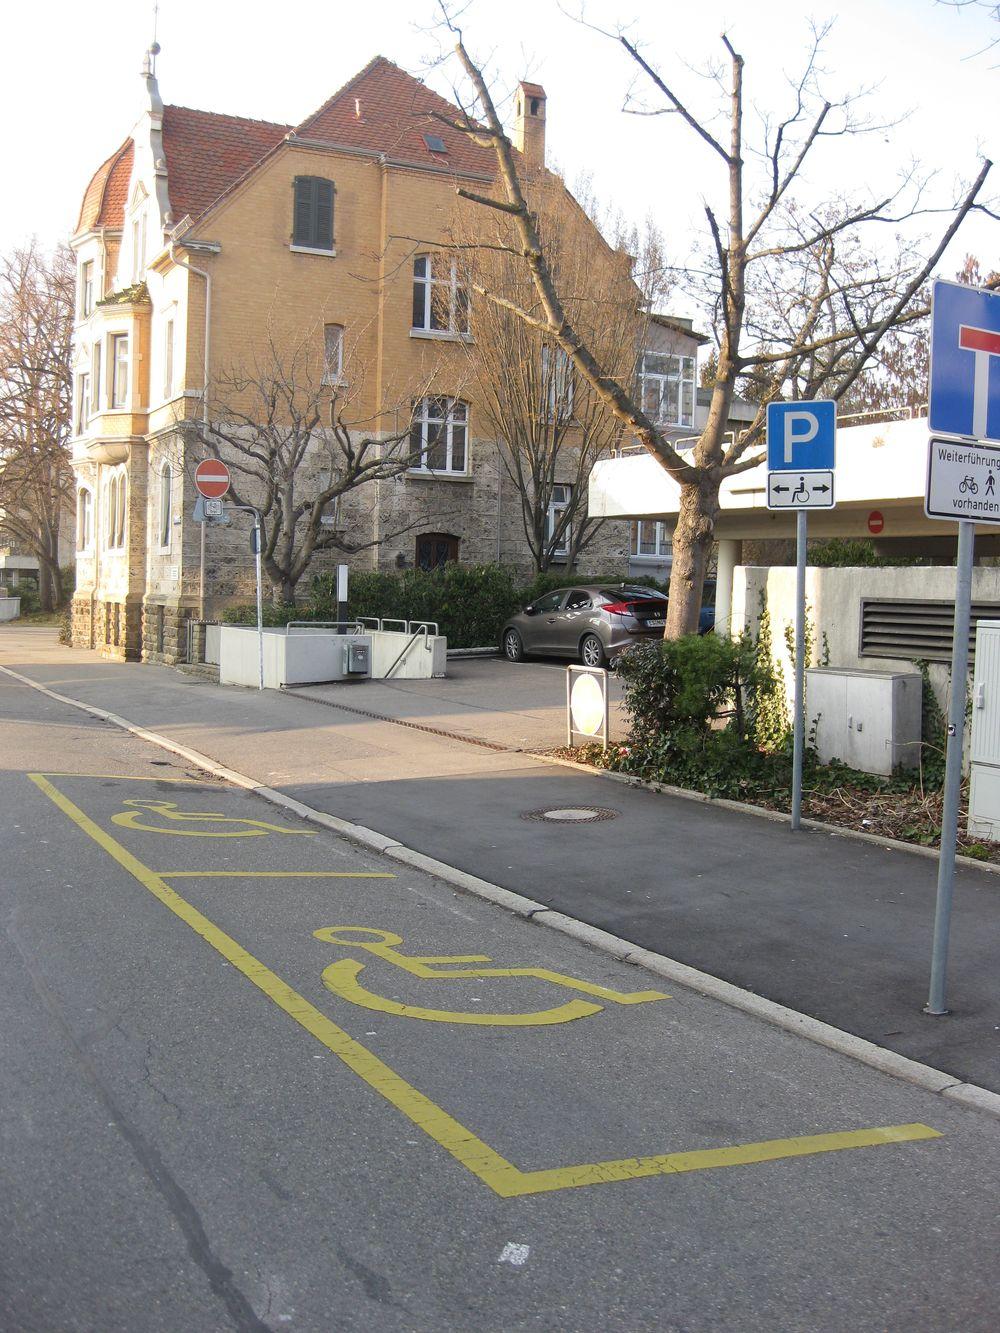 2 Behindertenparkplätze in der Charlottenstraße